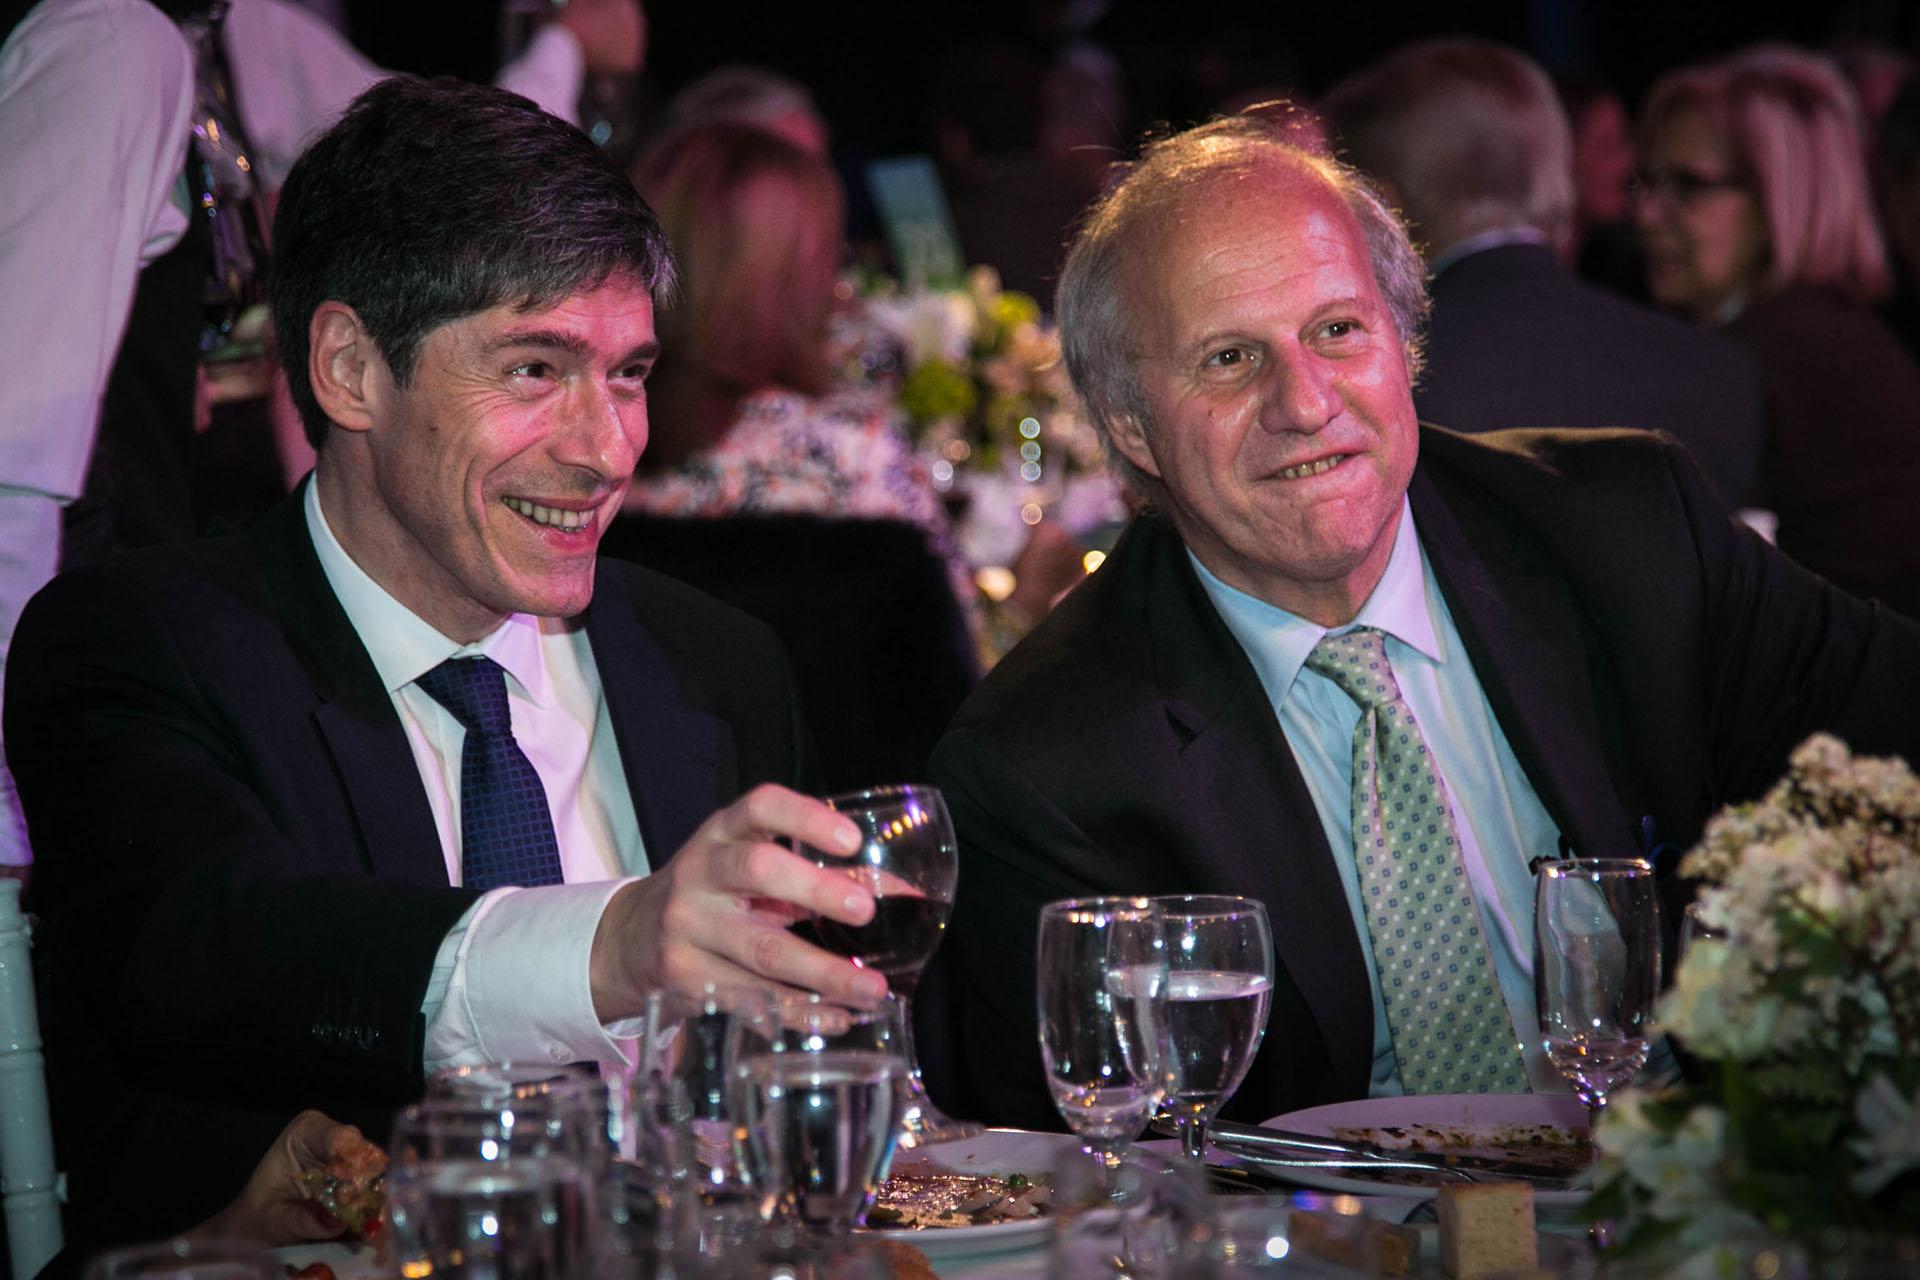 Juan Manuel Abal Medina y Gerardo Della Paolera